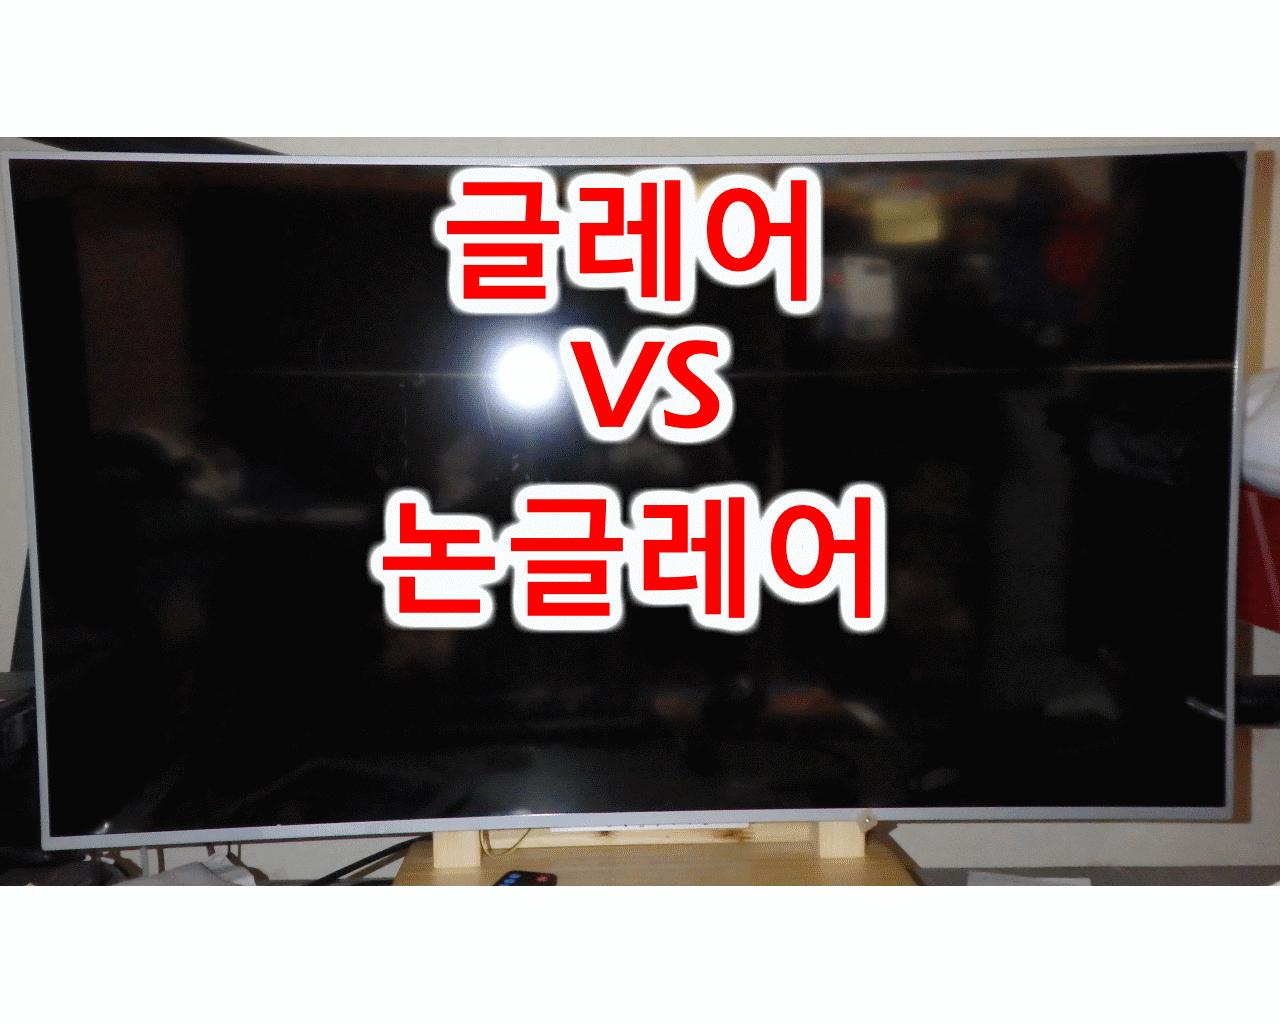 글레어 패널 vs 논글레어 패널 (안티글레어) vs 세미글레어 비교 색감 장단점 특징 LCD 모니터 디스플레이 Matt vs Glossy